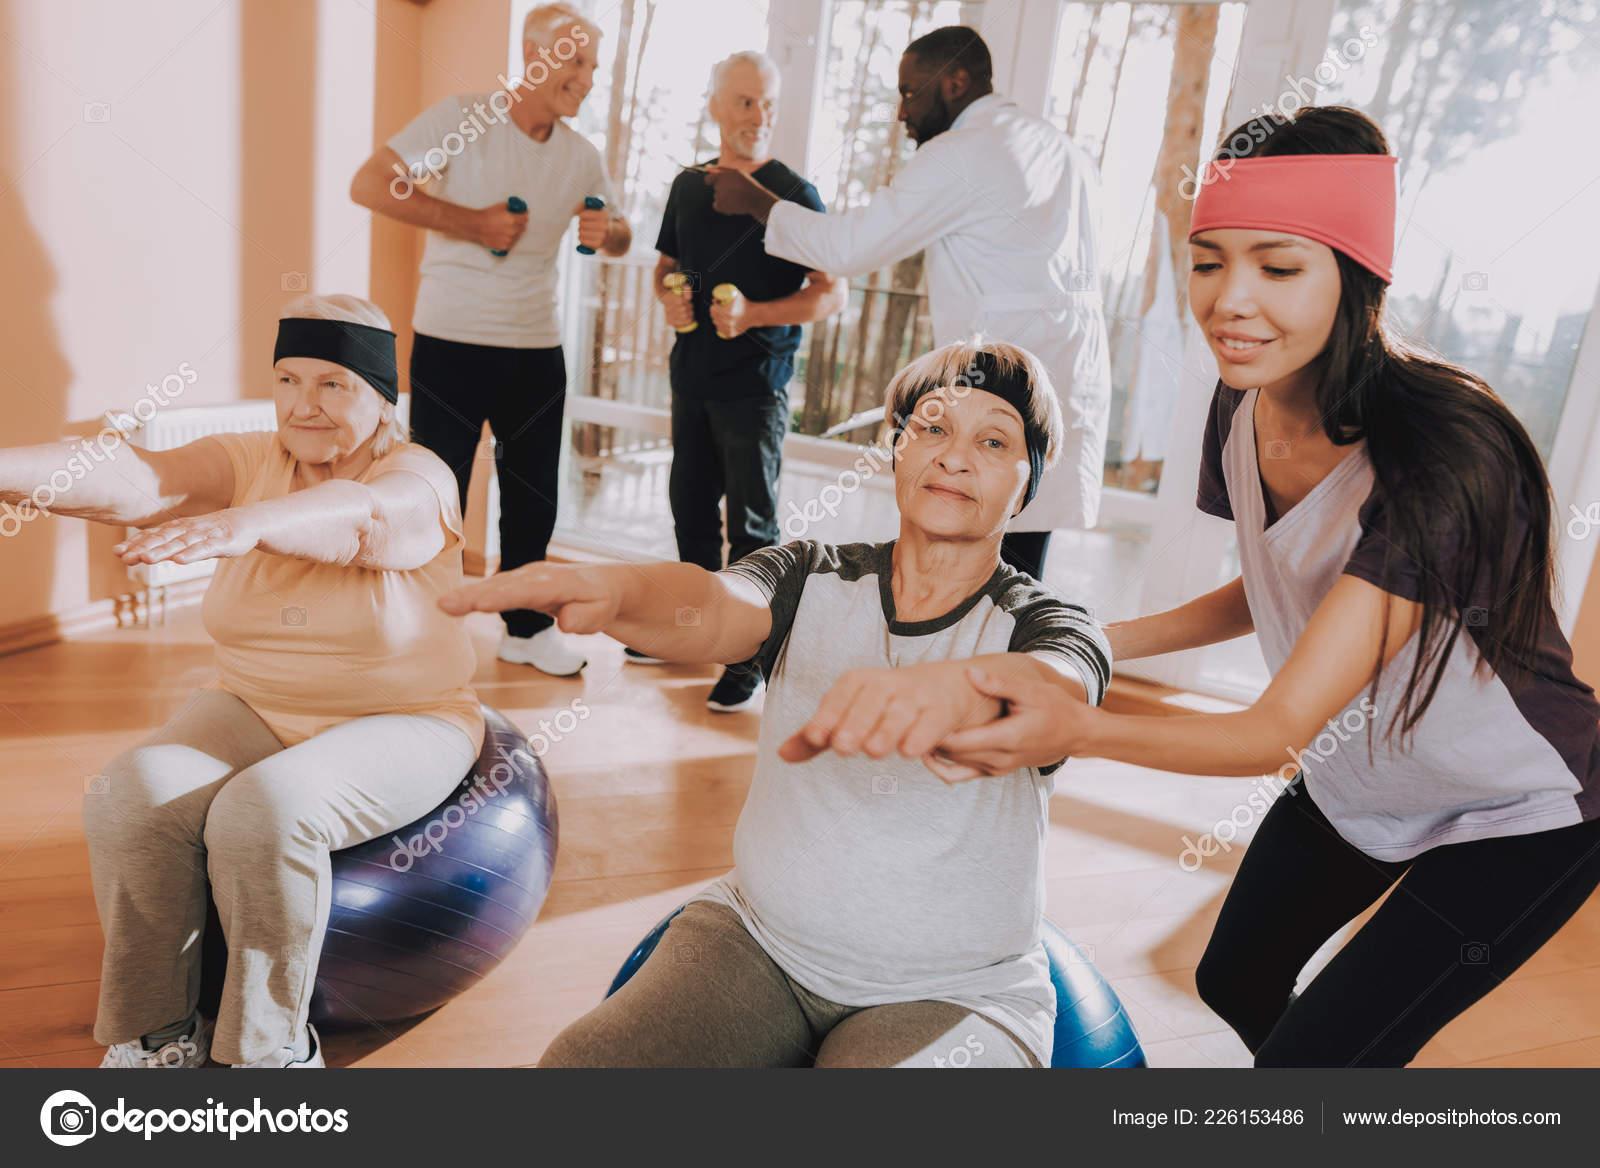 Упражнения на дому пожилых благотворительный концерт в доме престарелых сценарий